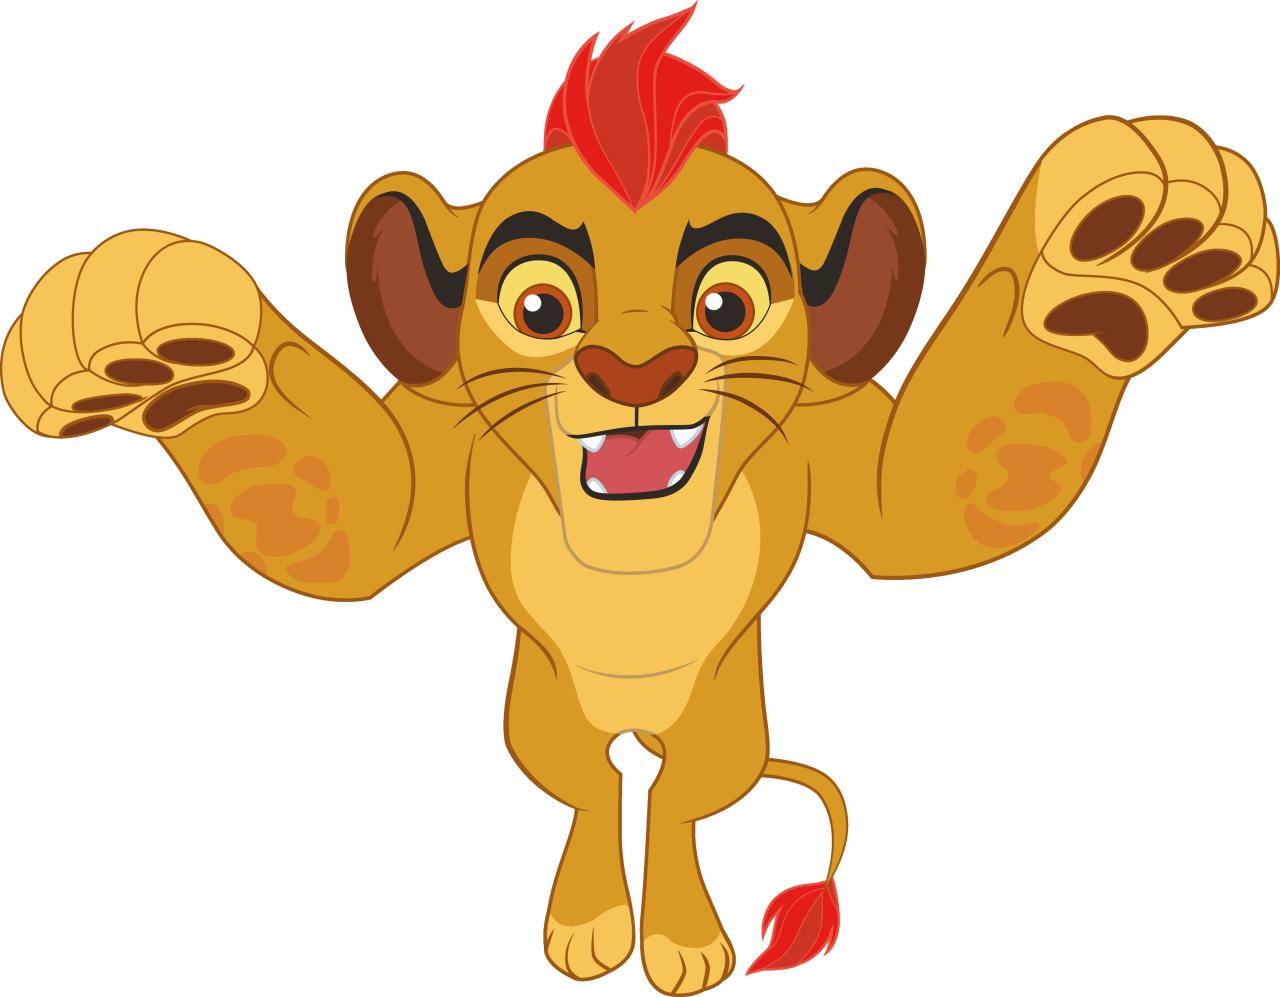 Image kion leap transparent. Families clipart lion king